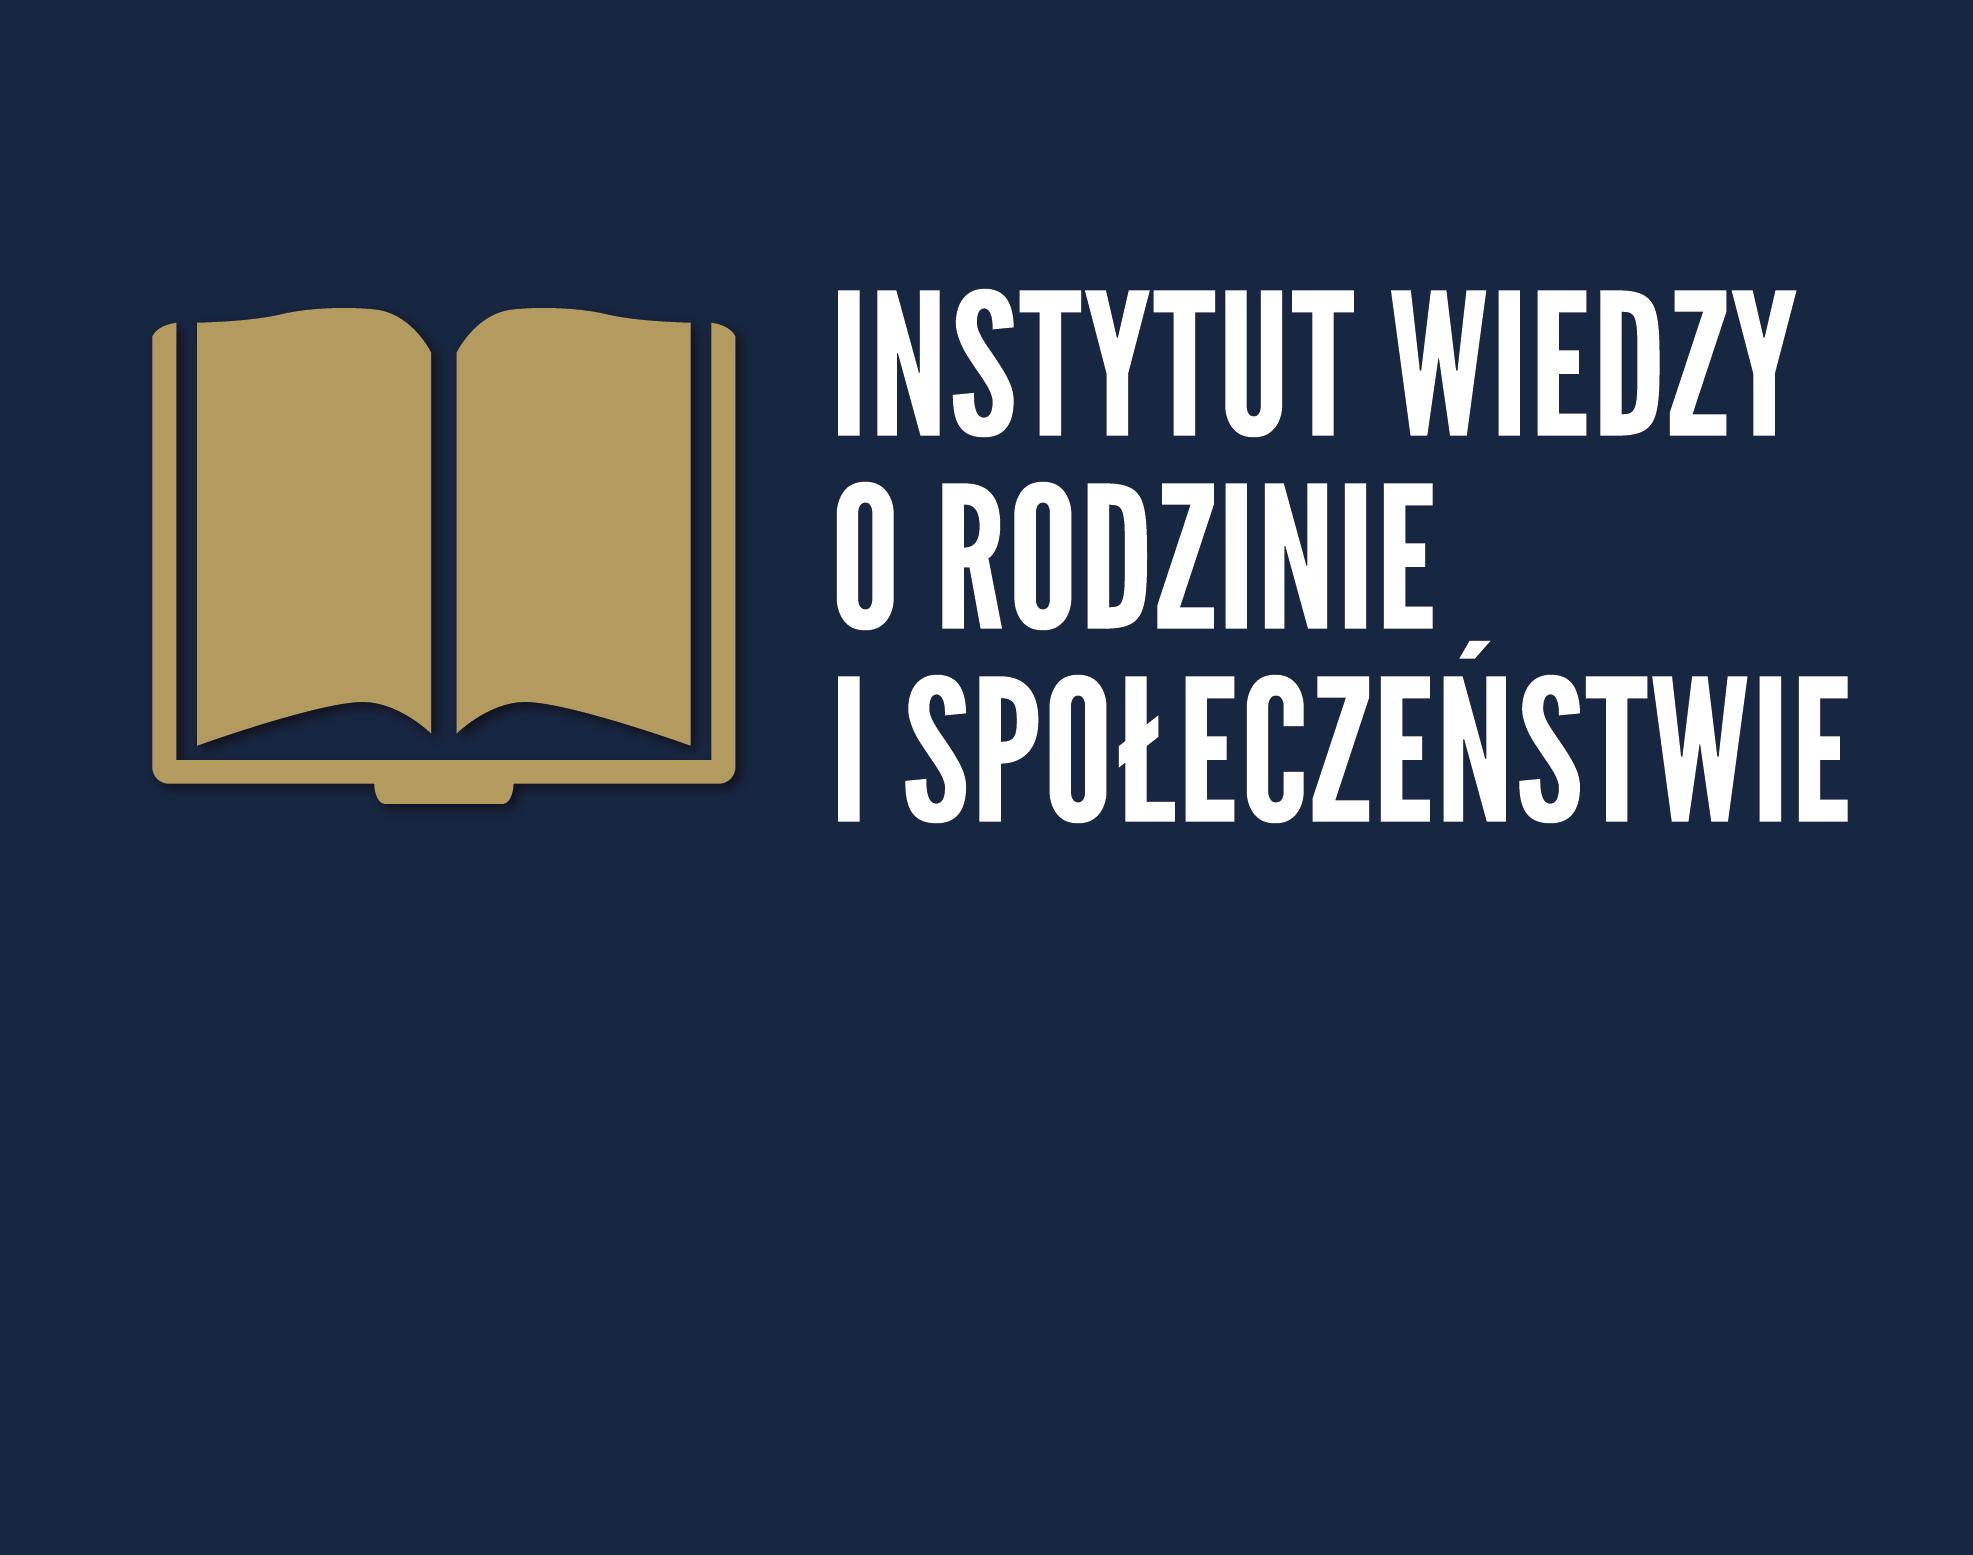 Instytut Wiedzy o Rodzinie i Społeczeństwie - co robimy?